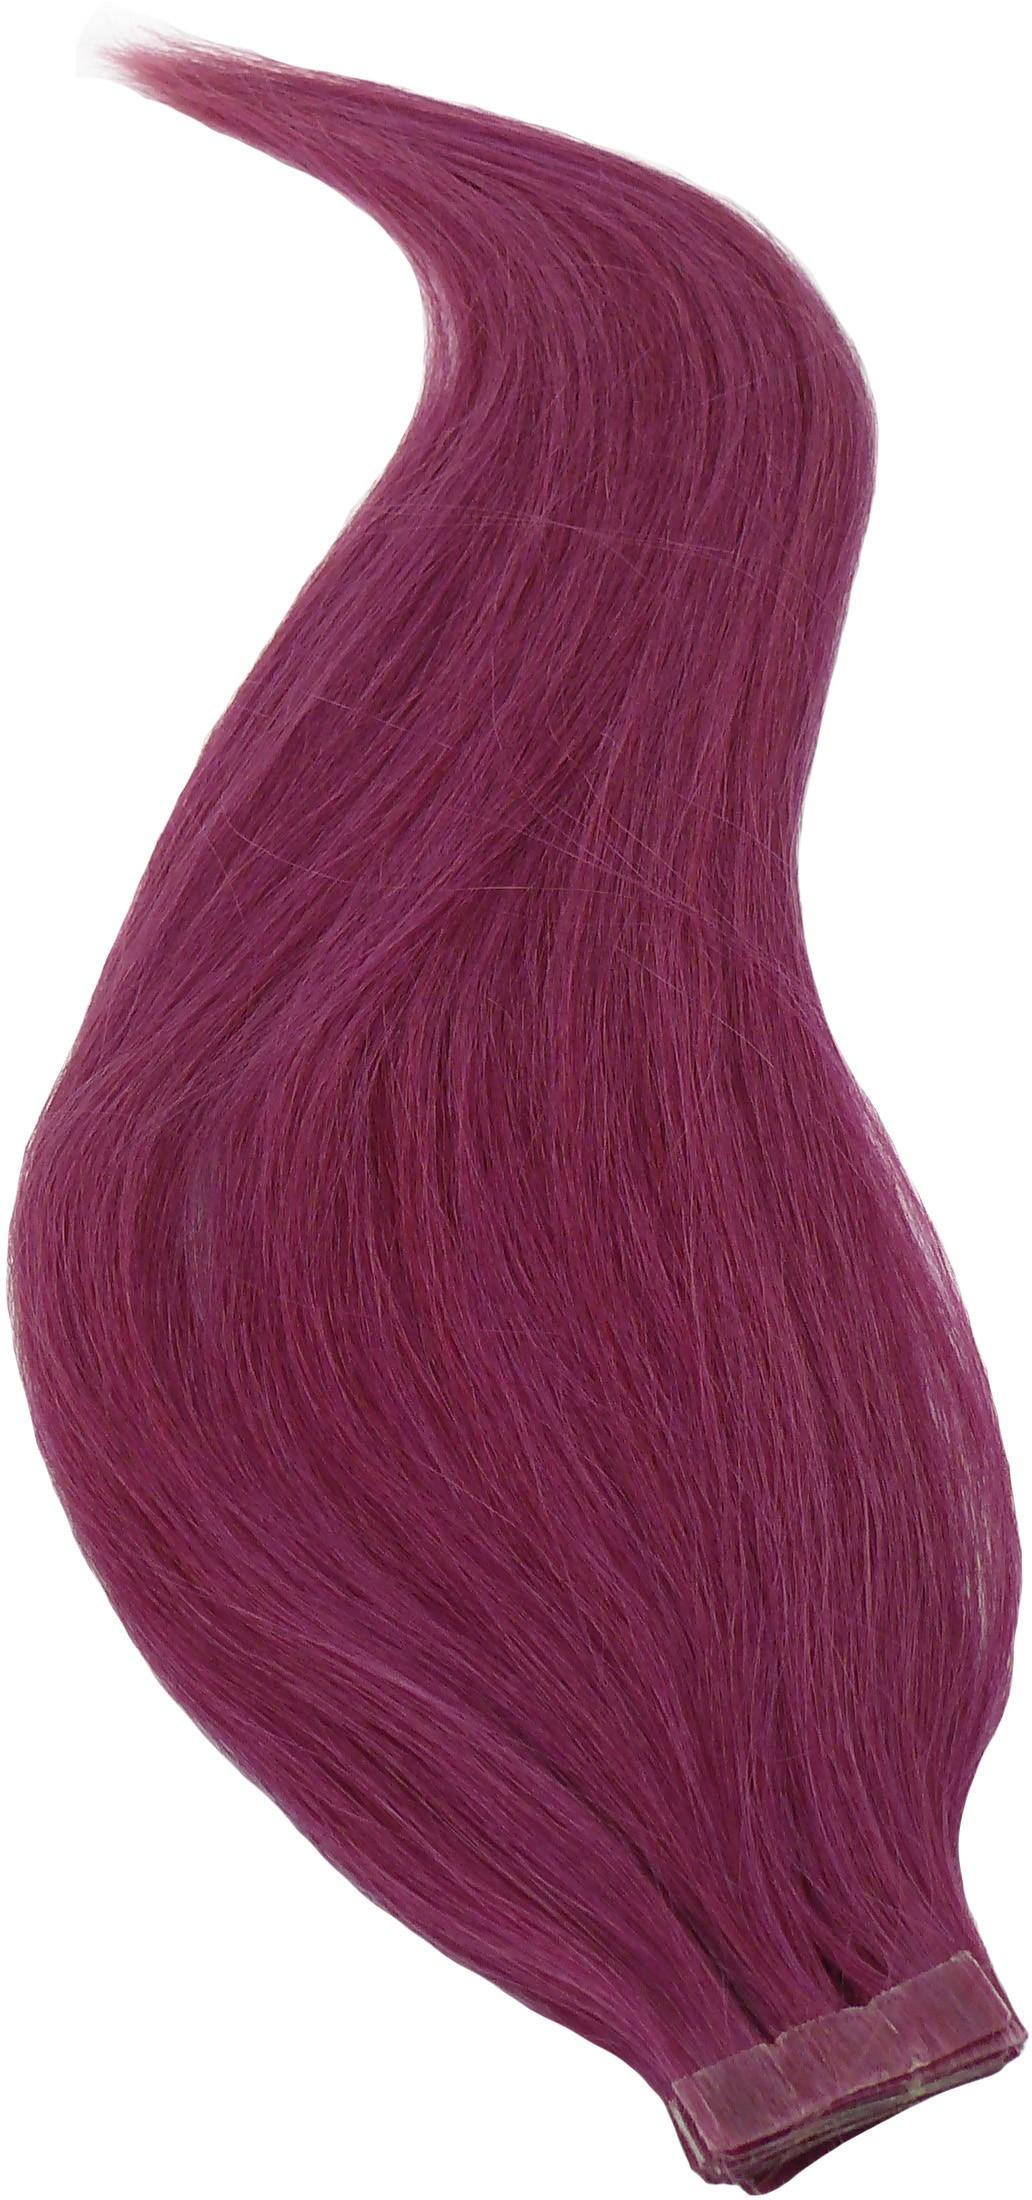 Fialové vlasy k prodloužení - Tape in REMY proužky, 50 cm (PURPLE), 20 ks